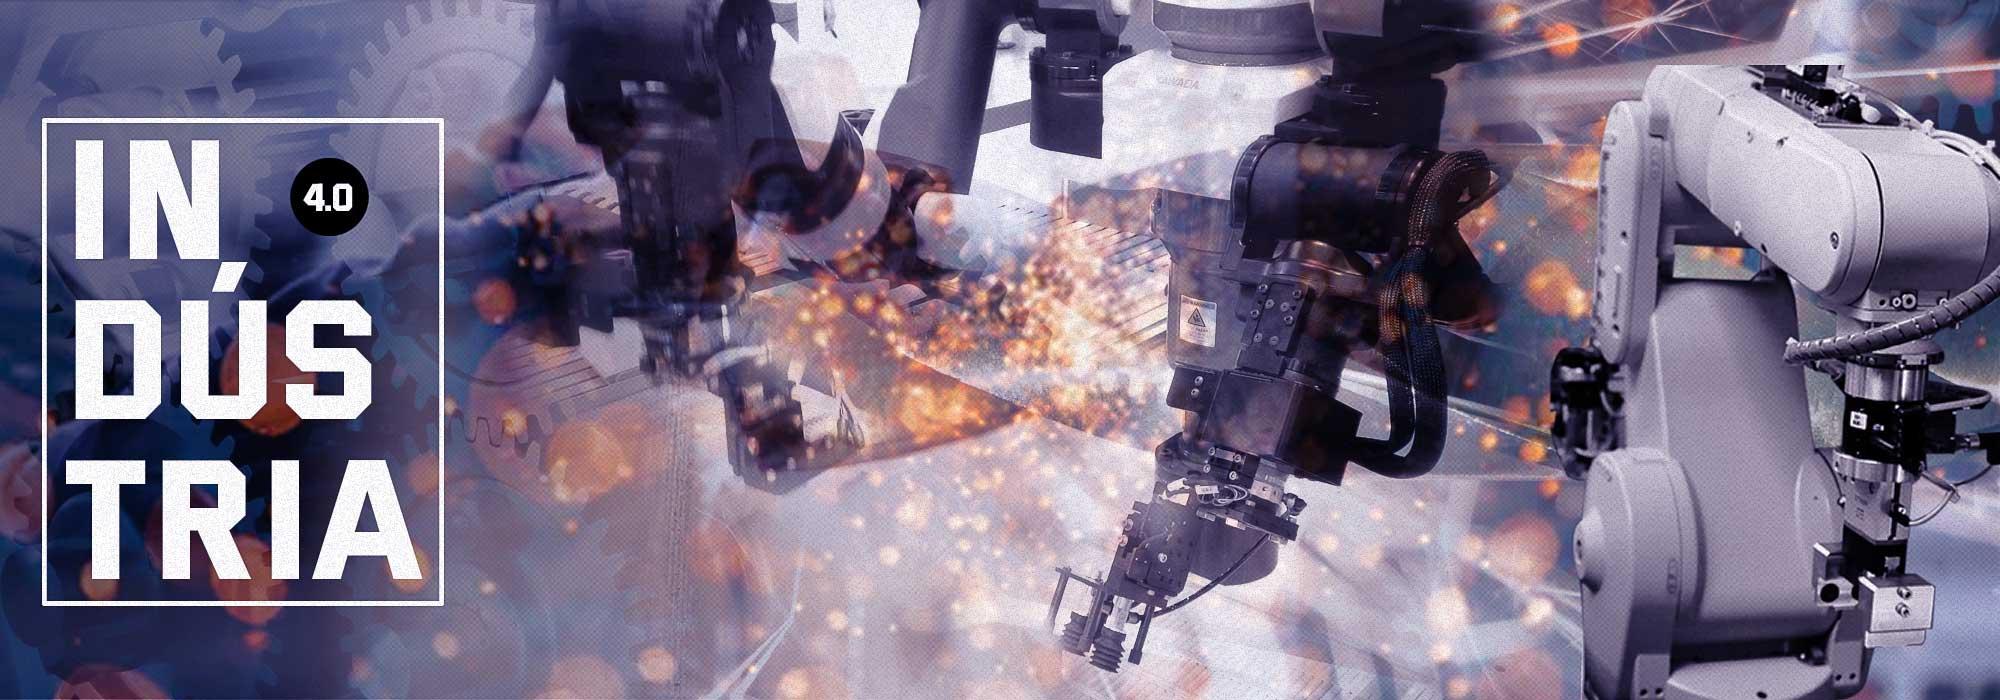 Impactos da pandemia: a importância da tecnologia industrial no controle e recuperação da crise